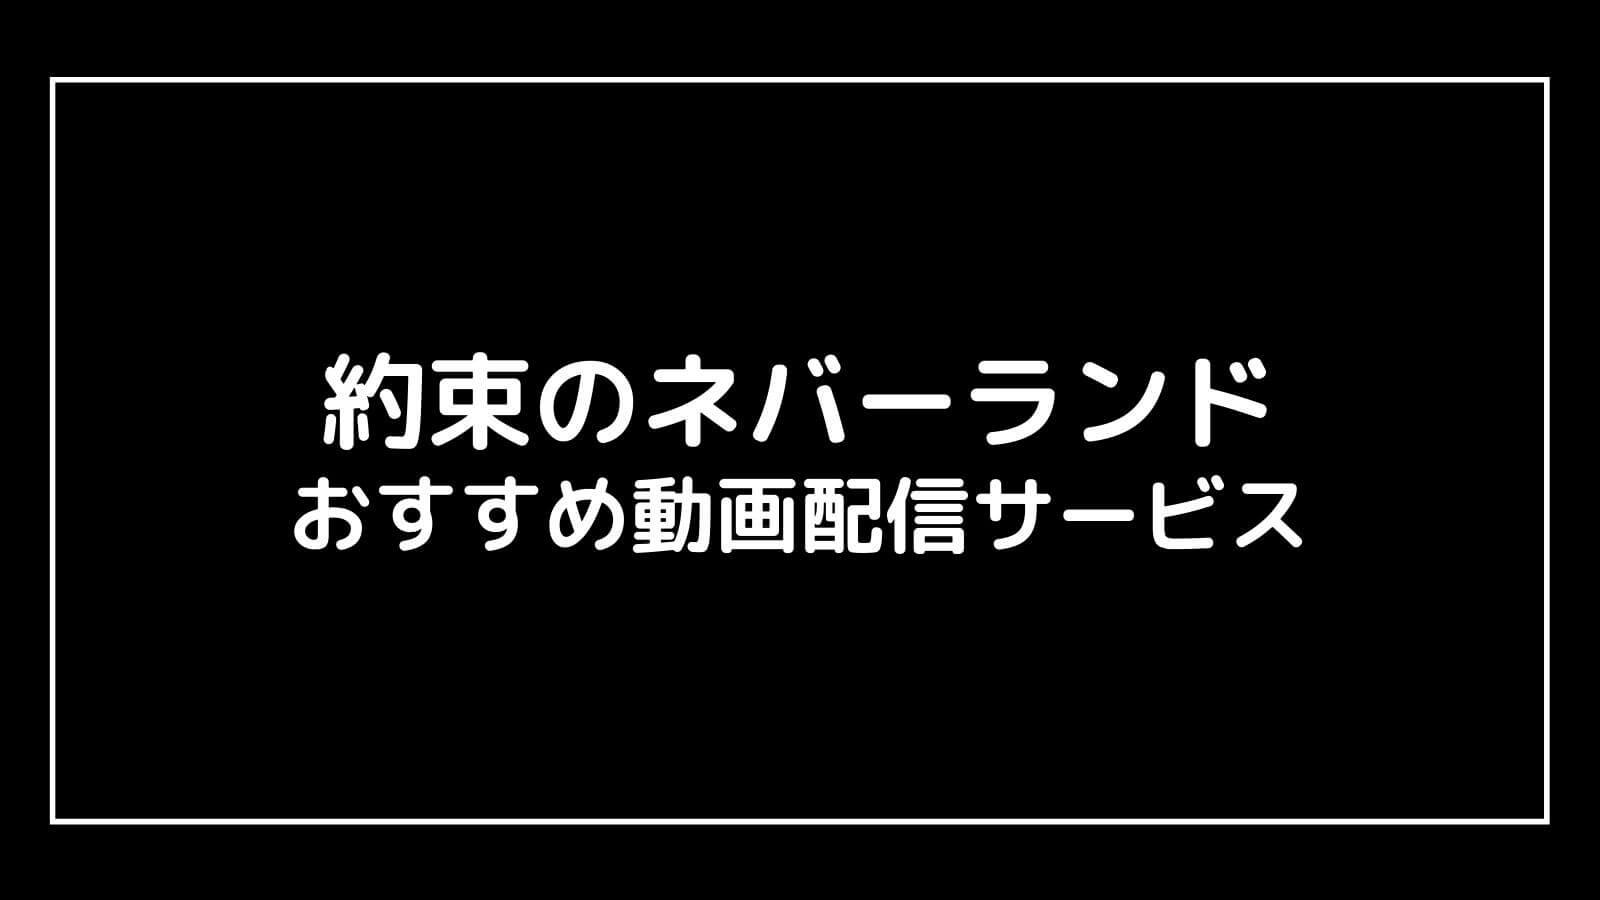 実写映画『約束のネバーランド』の無料映画配信をフル視聴できる動画サイト